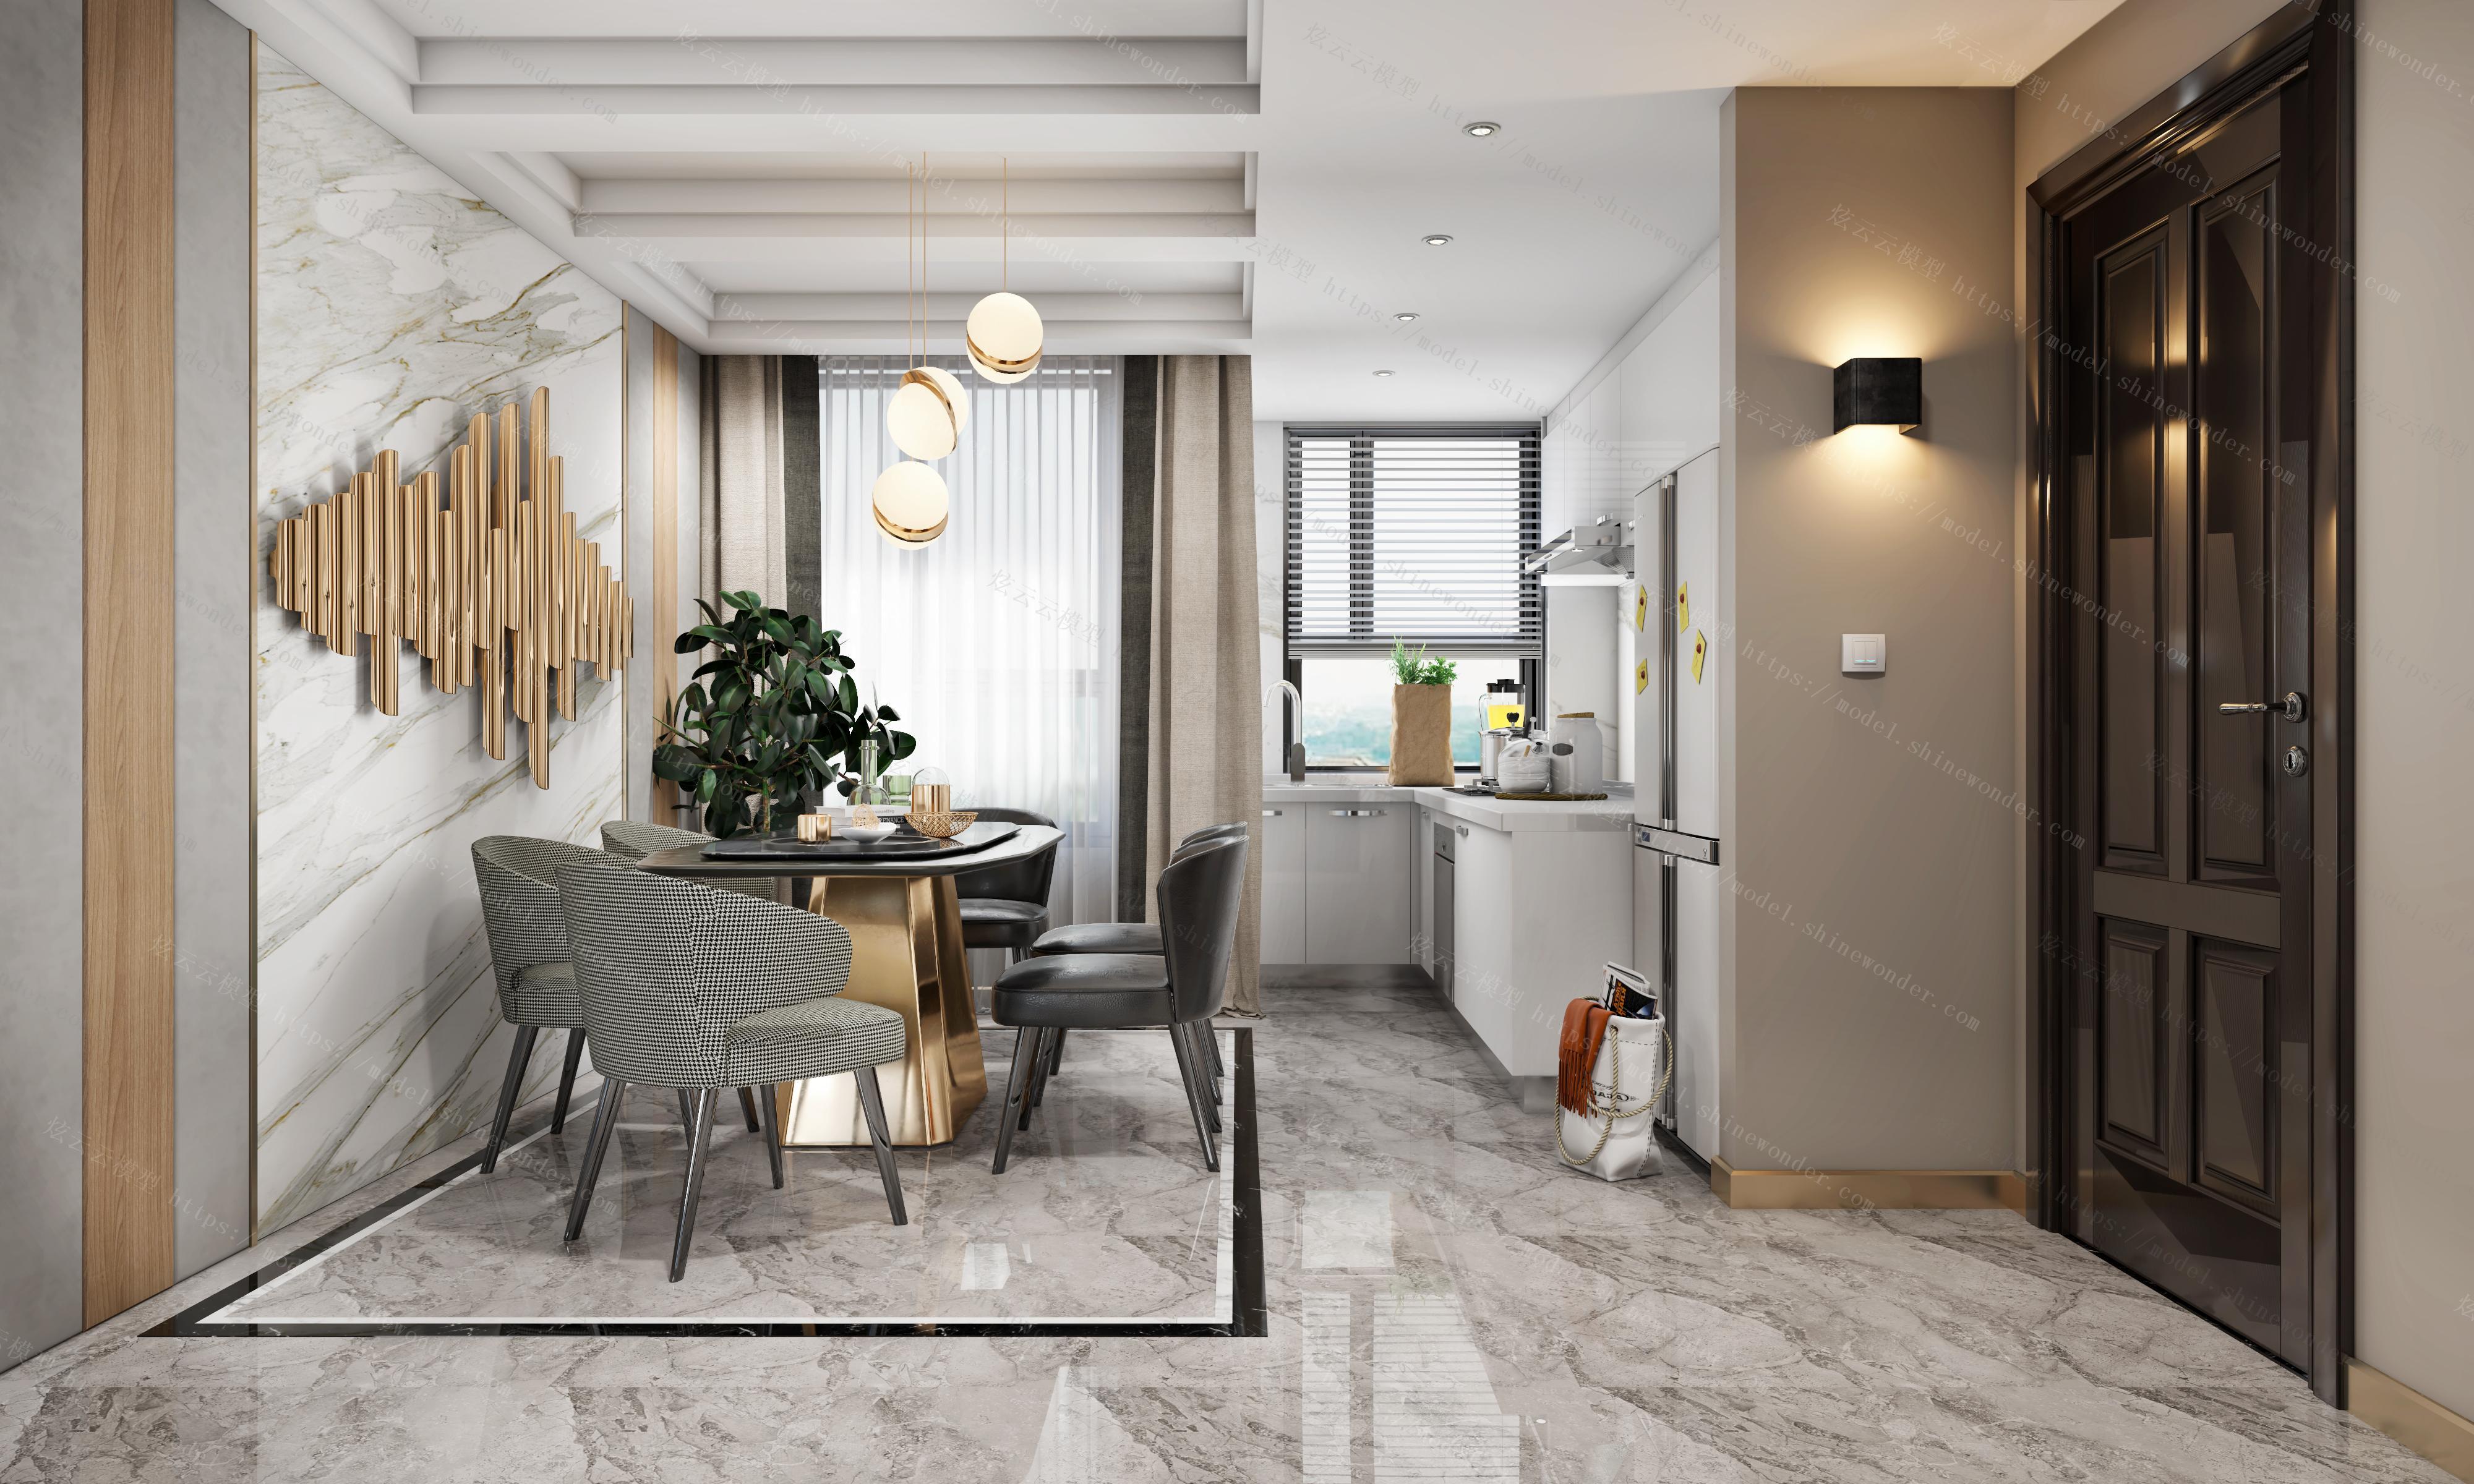 现代客餐厅厨房全景模型